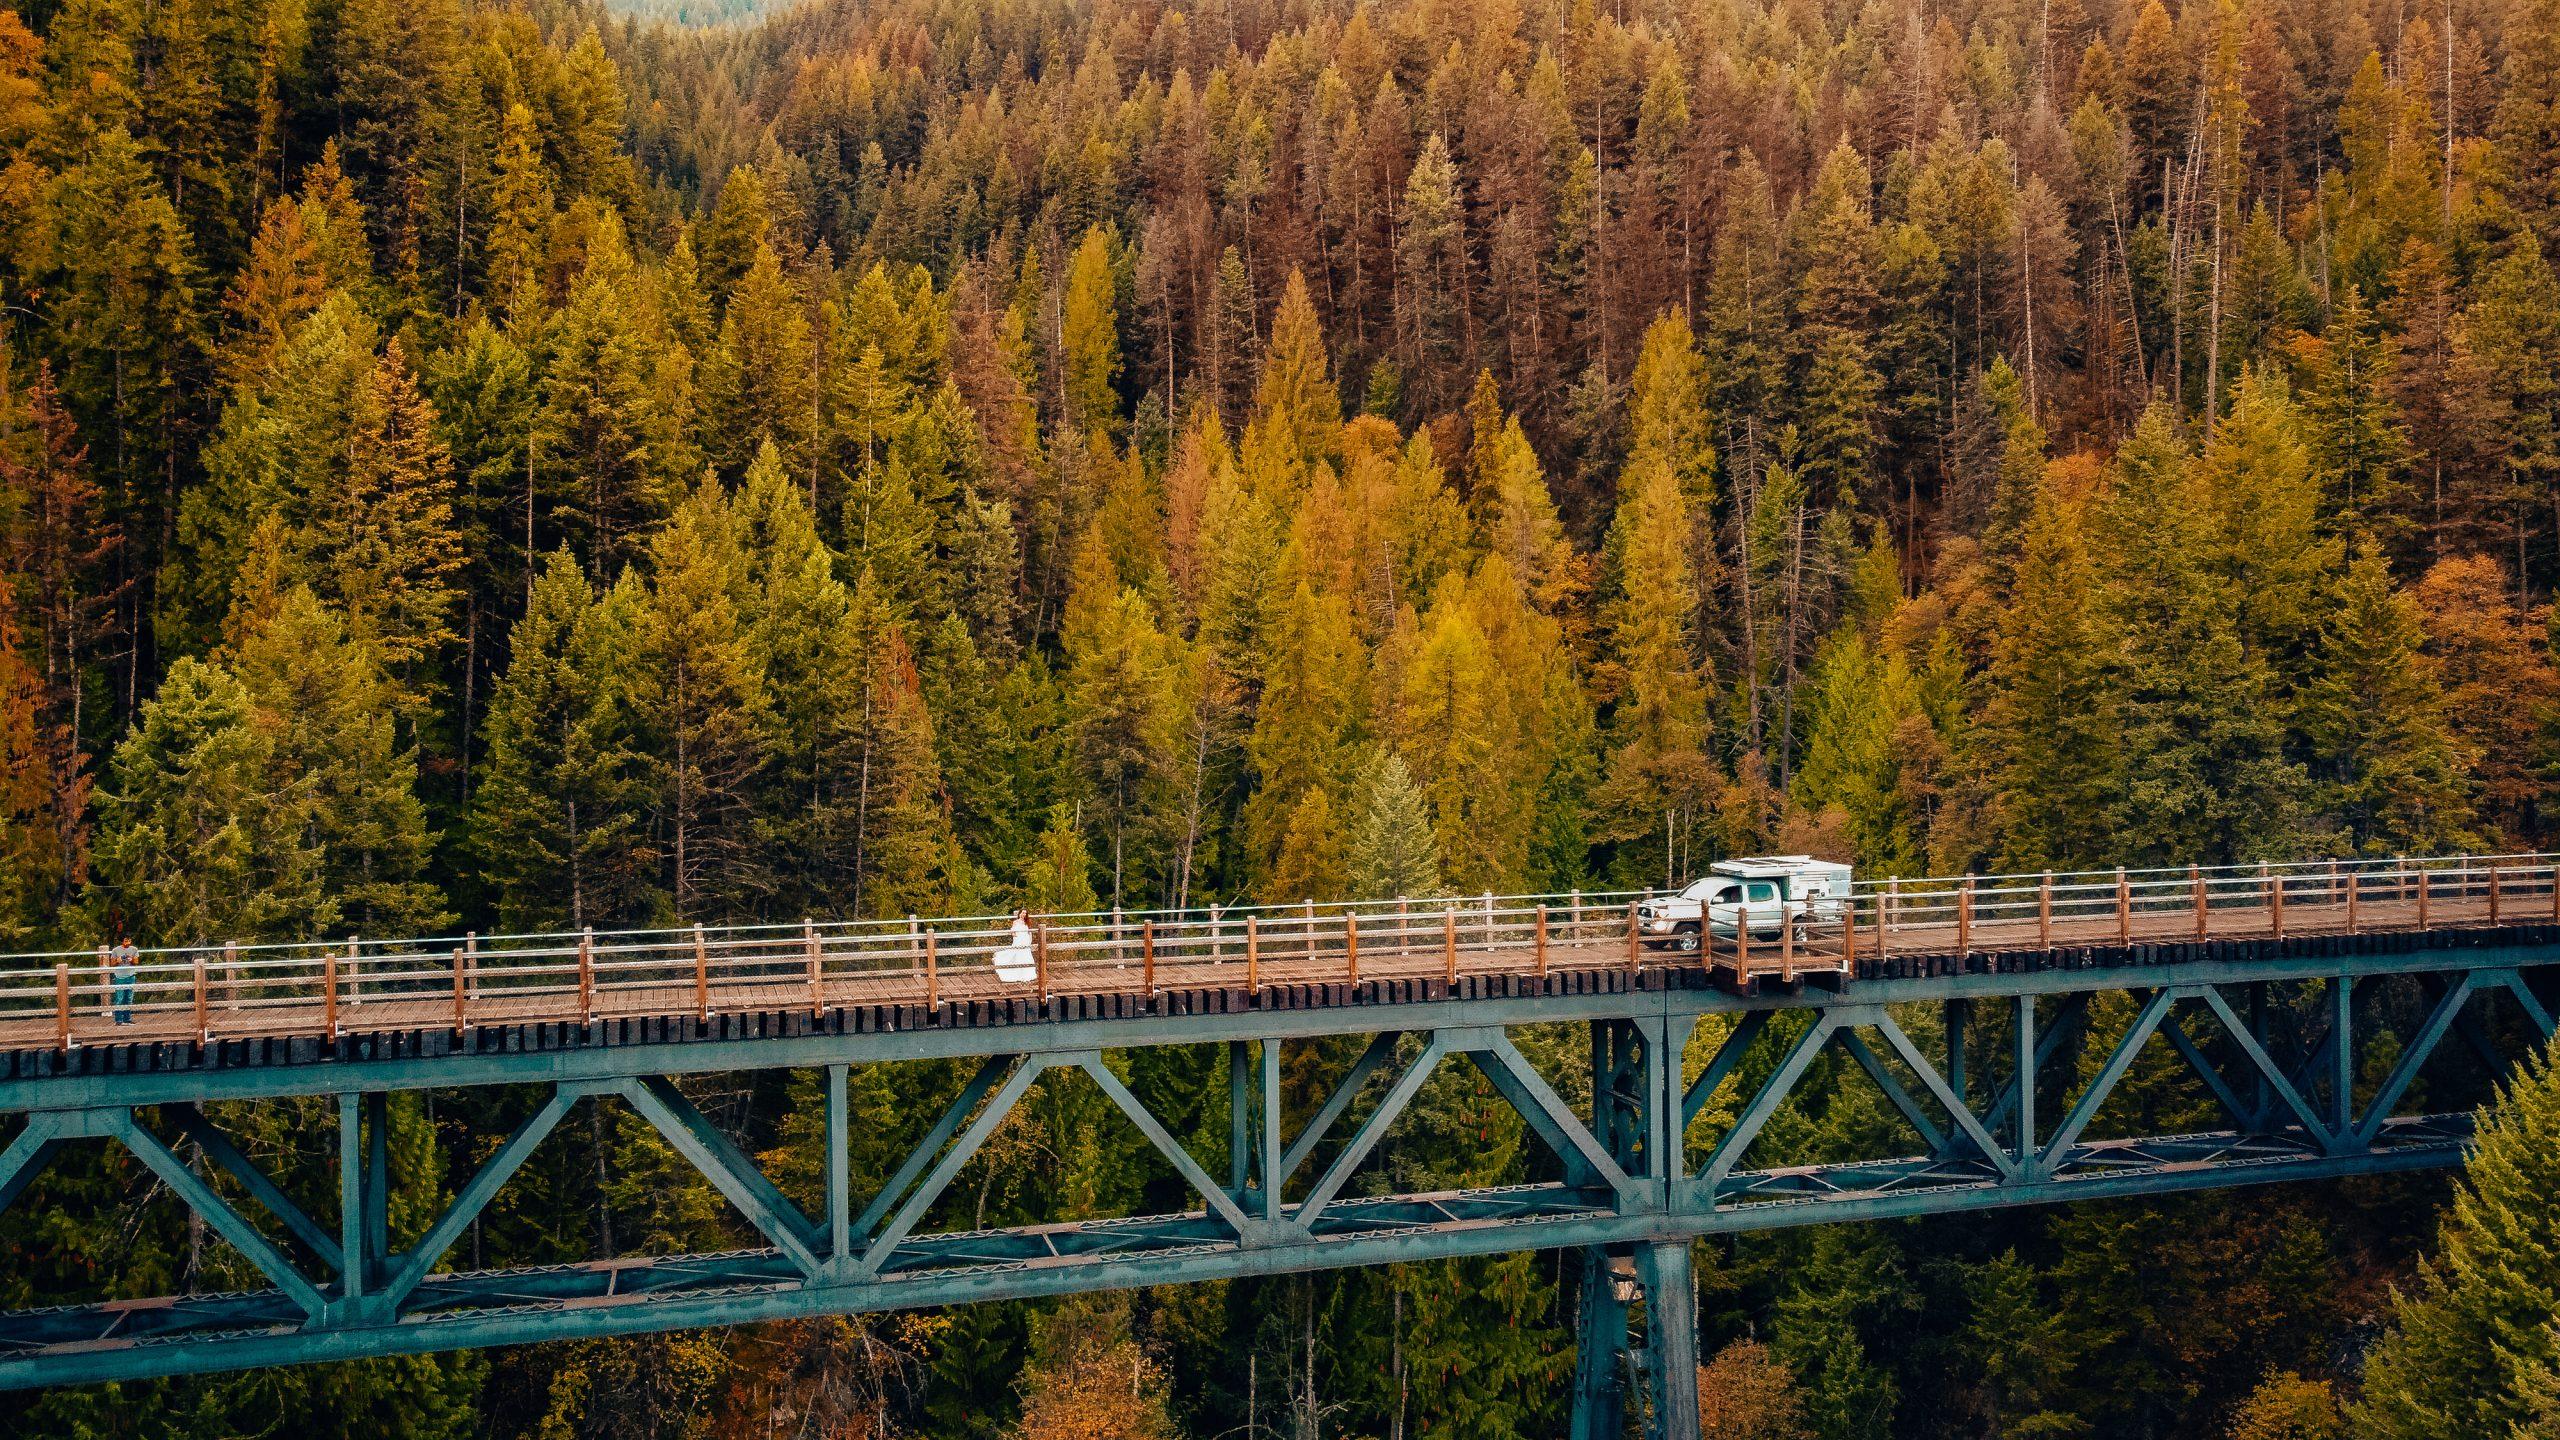 Train Trestle Bridge British Columbia